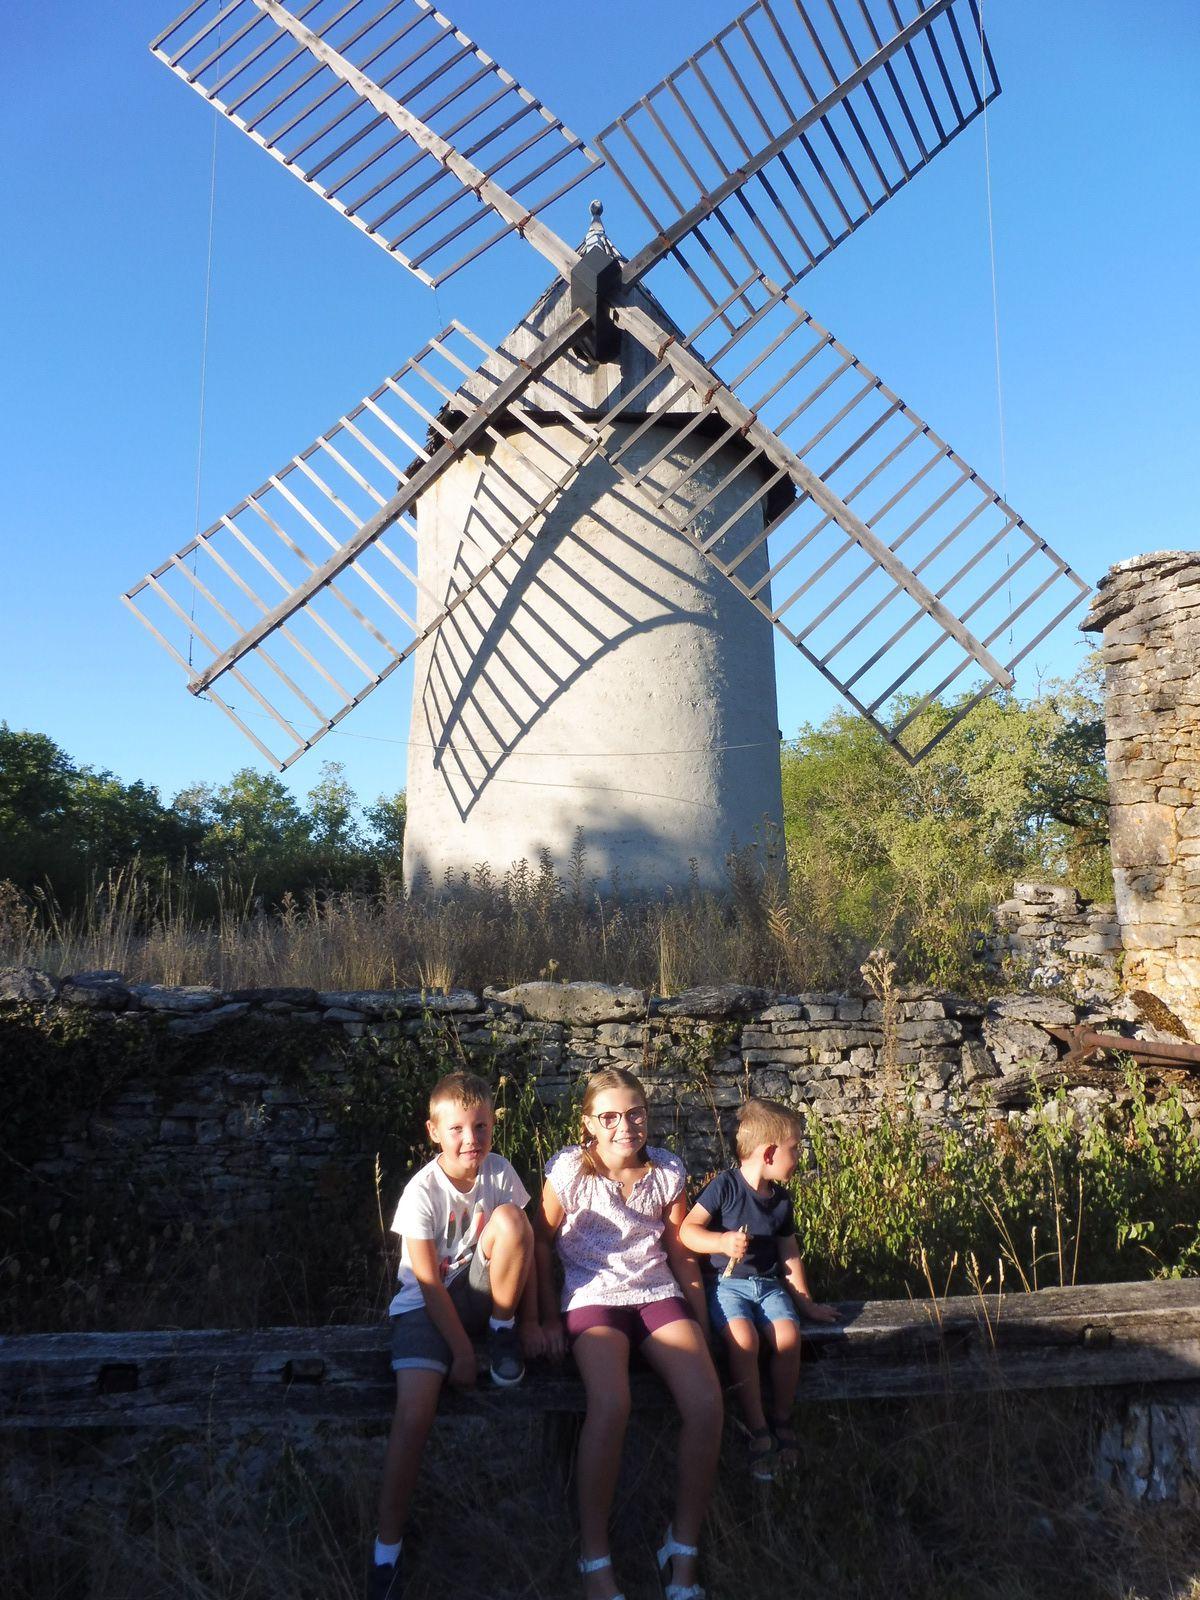 Etape 4 des vacances: Le lot #1